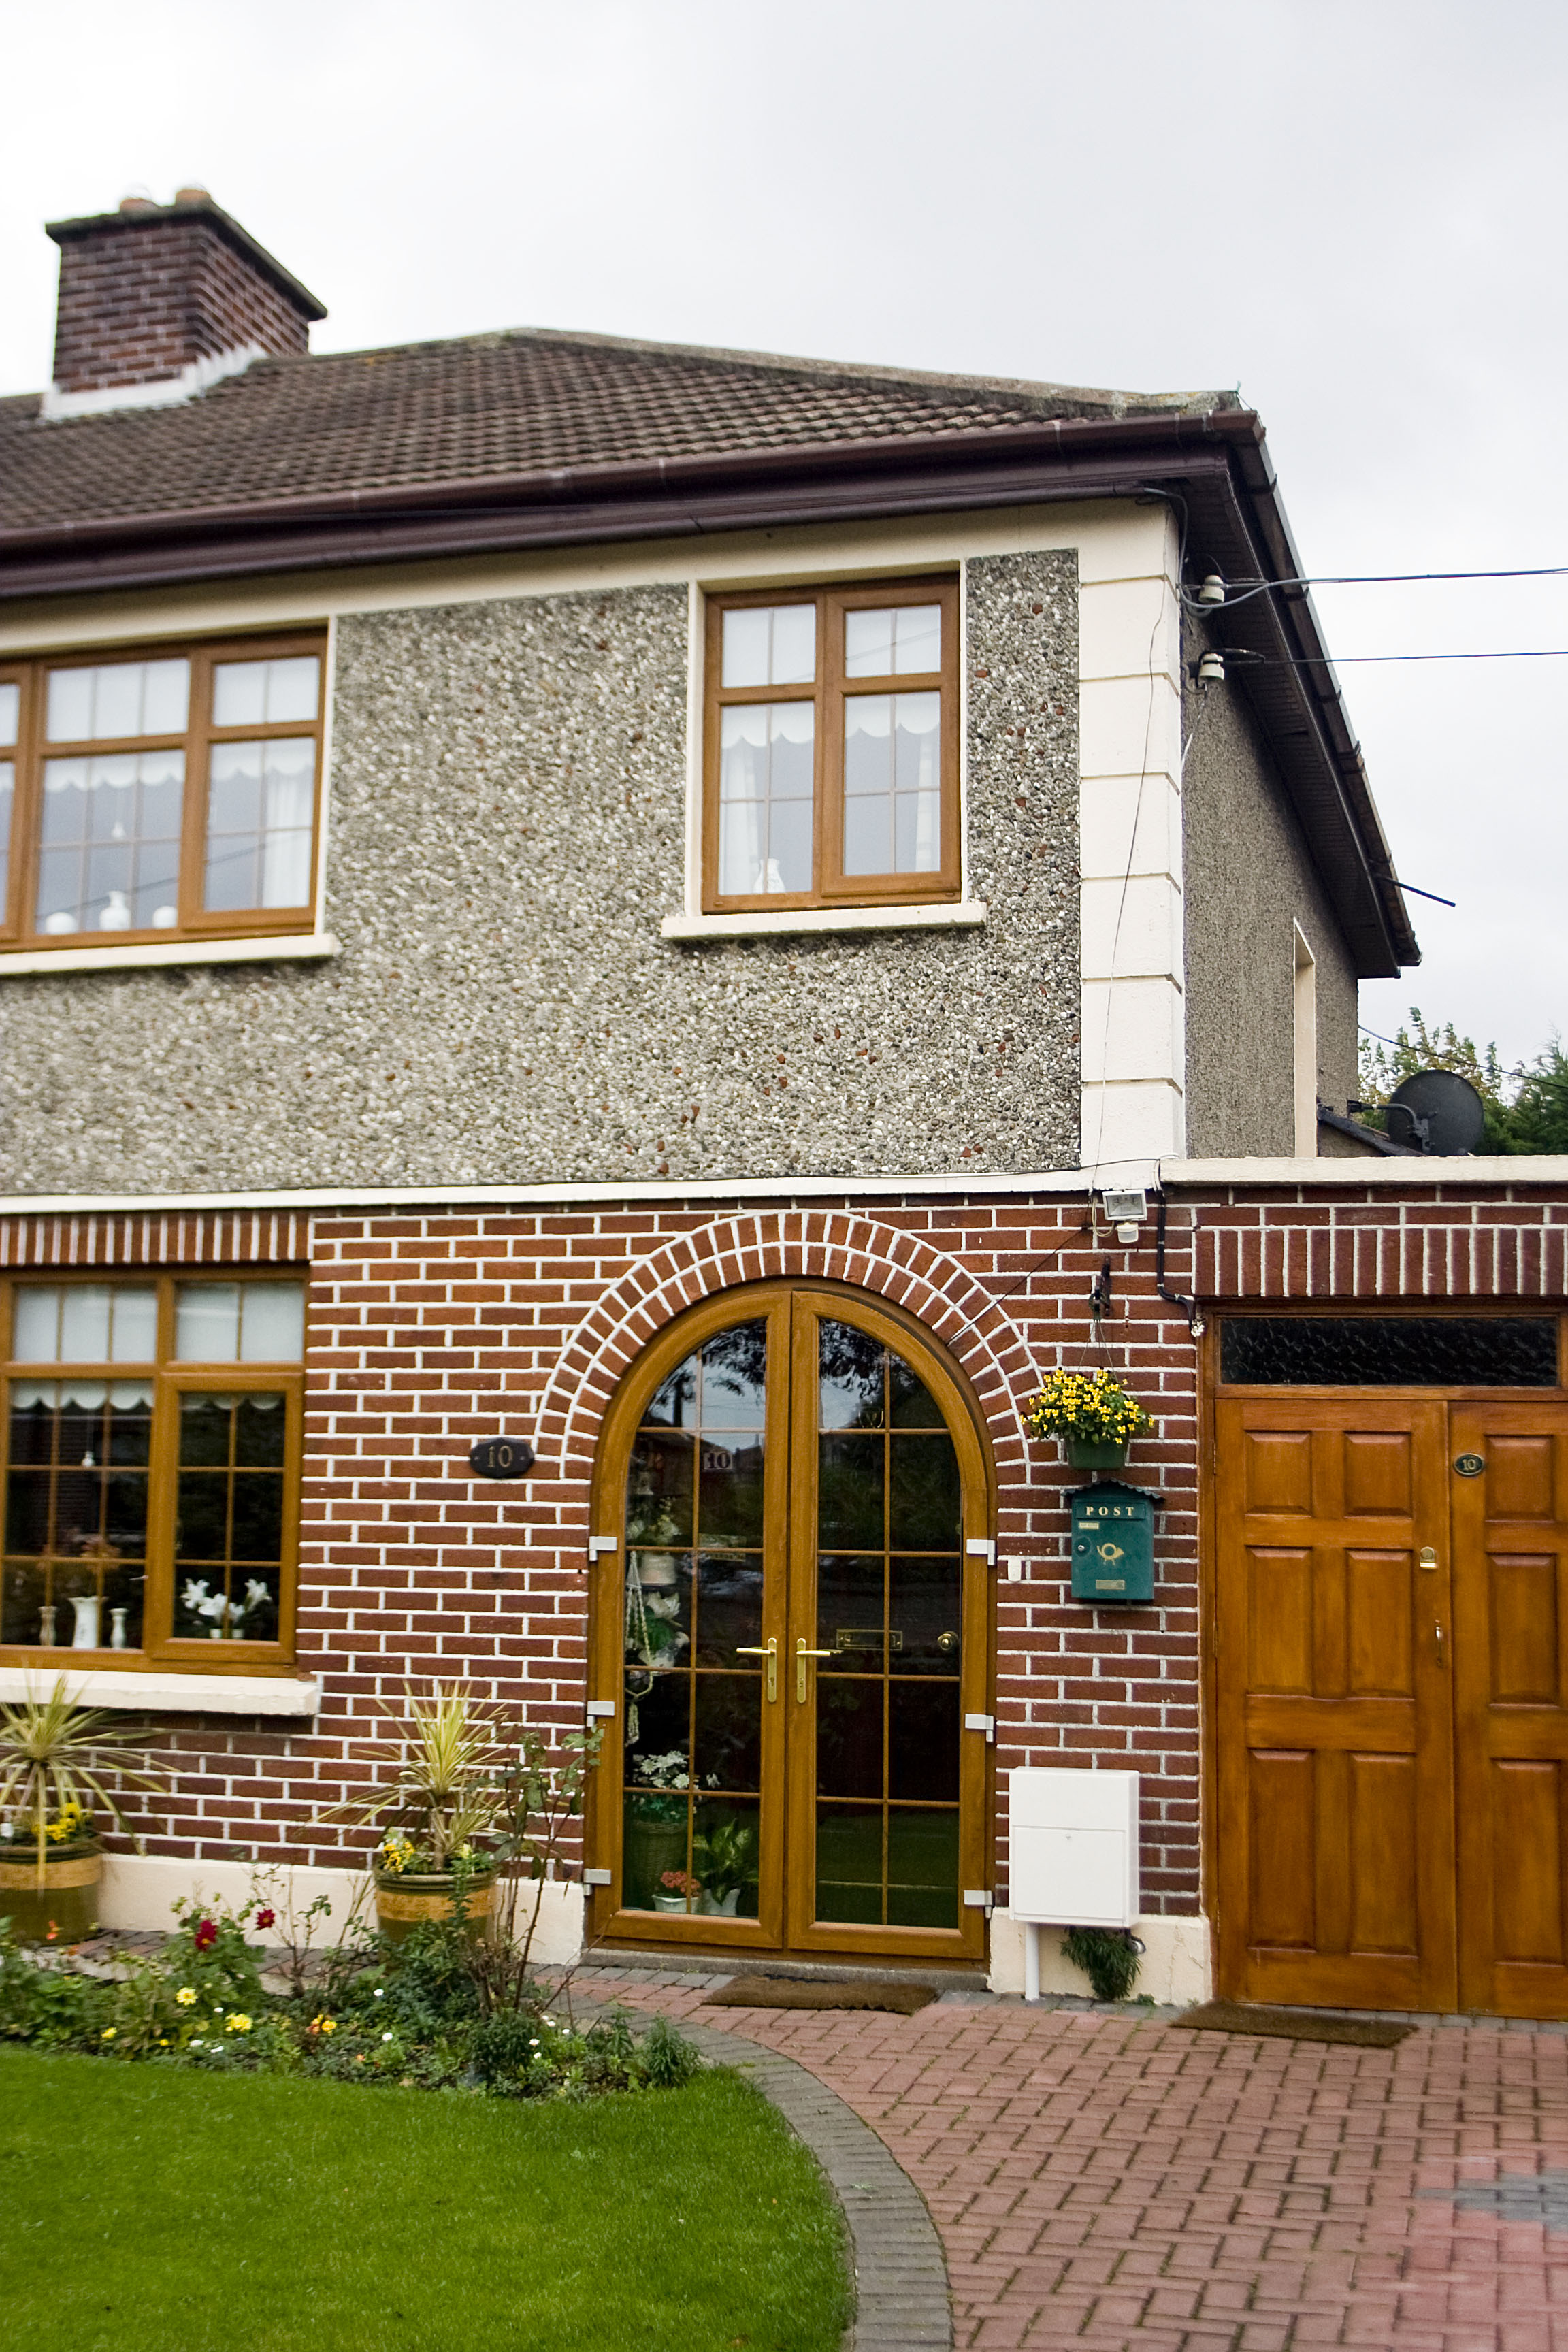 La casa di infanzia di Bonovox a Ballymun, Dublino nord.